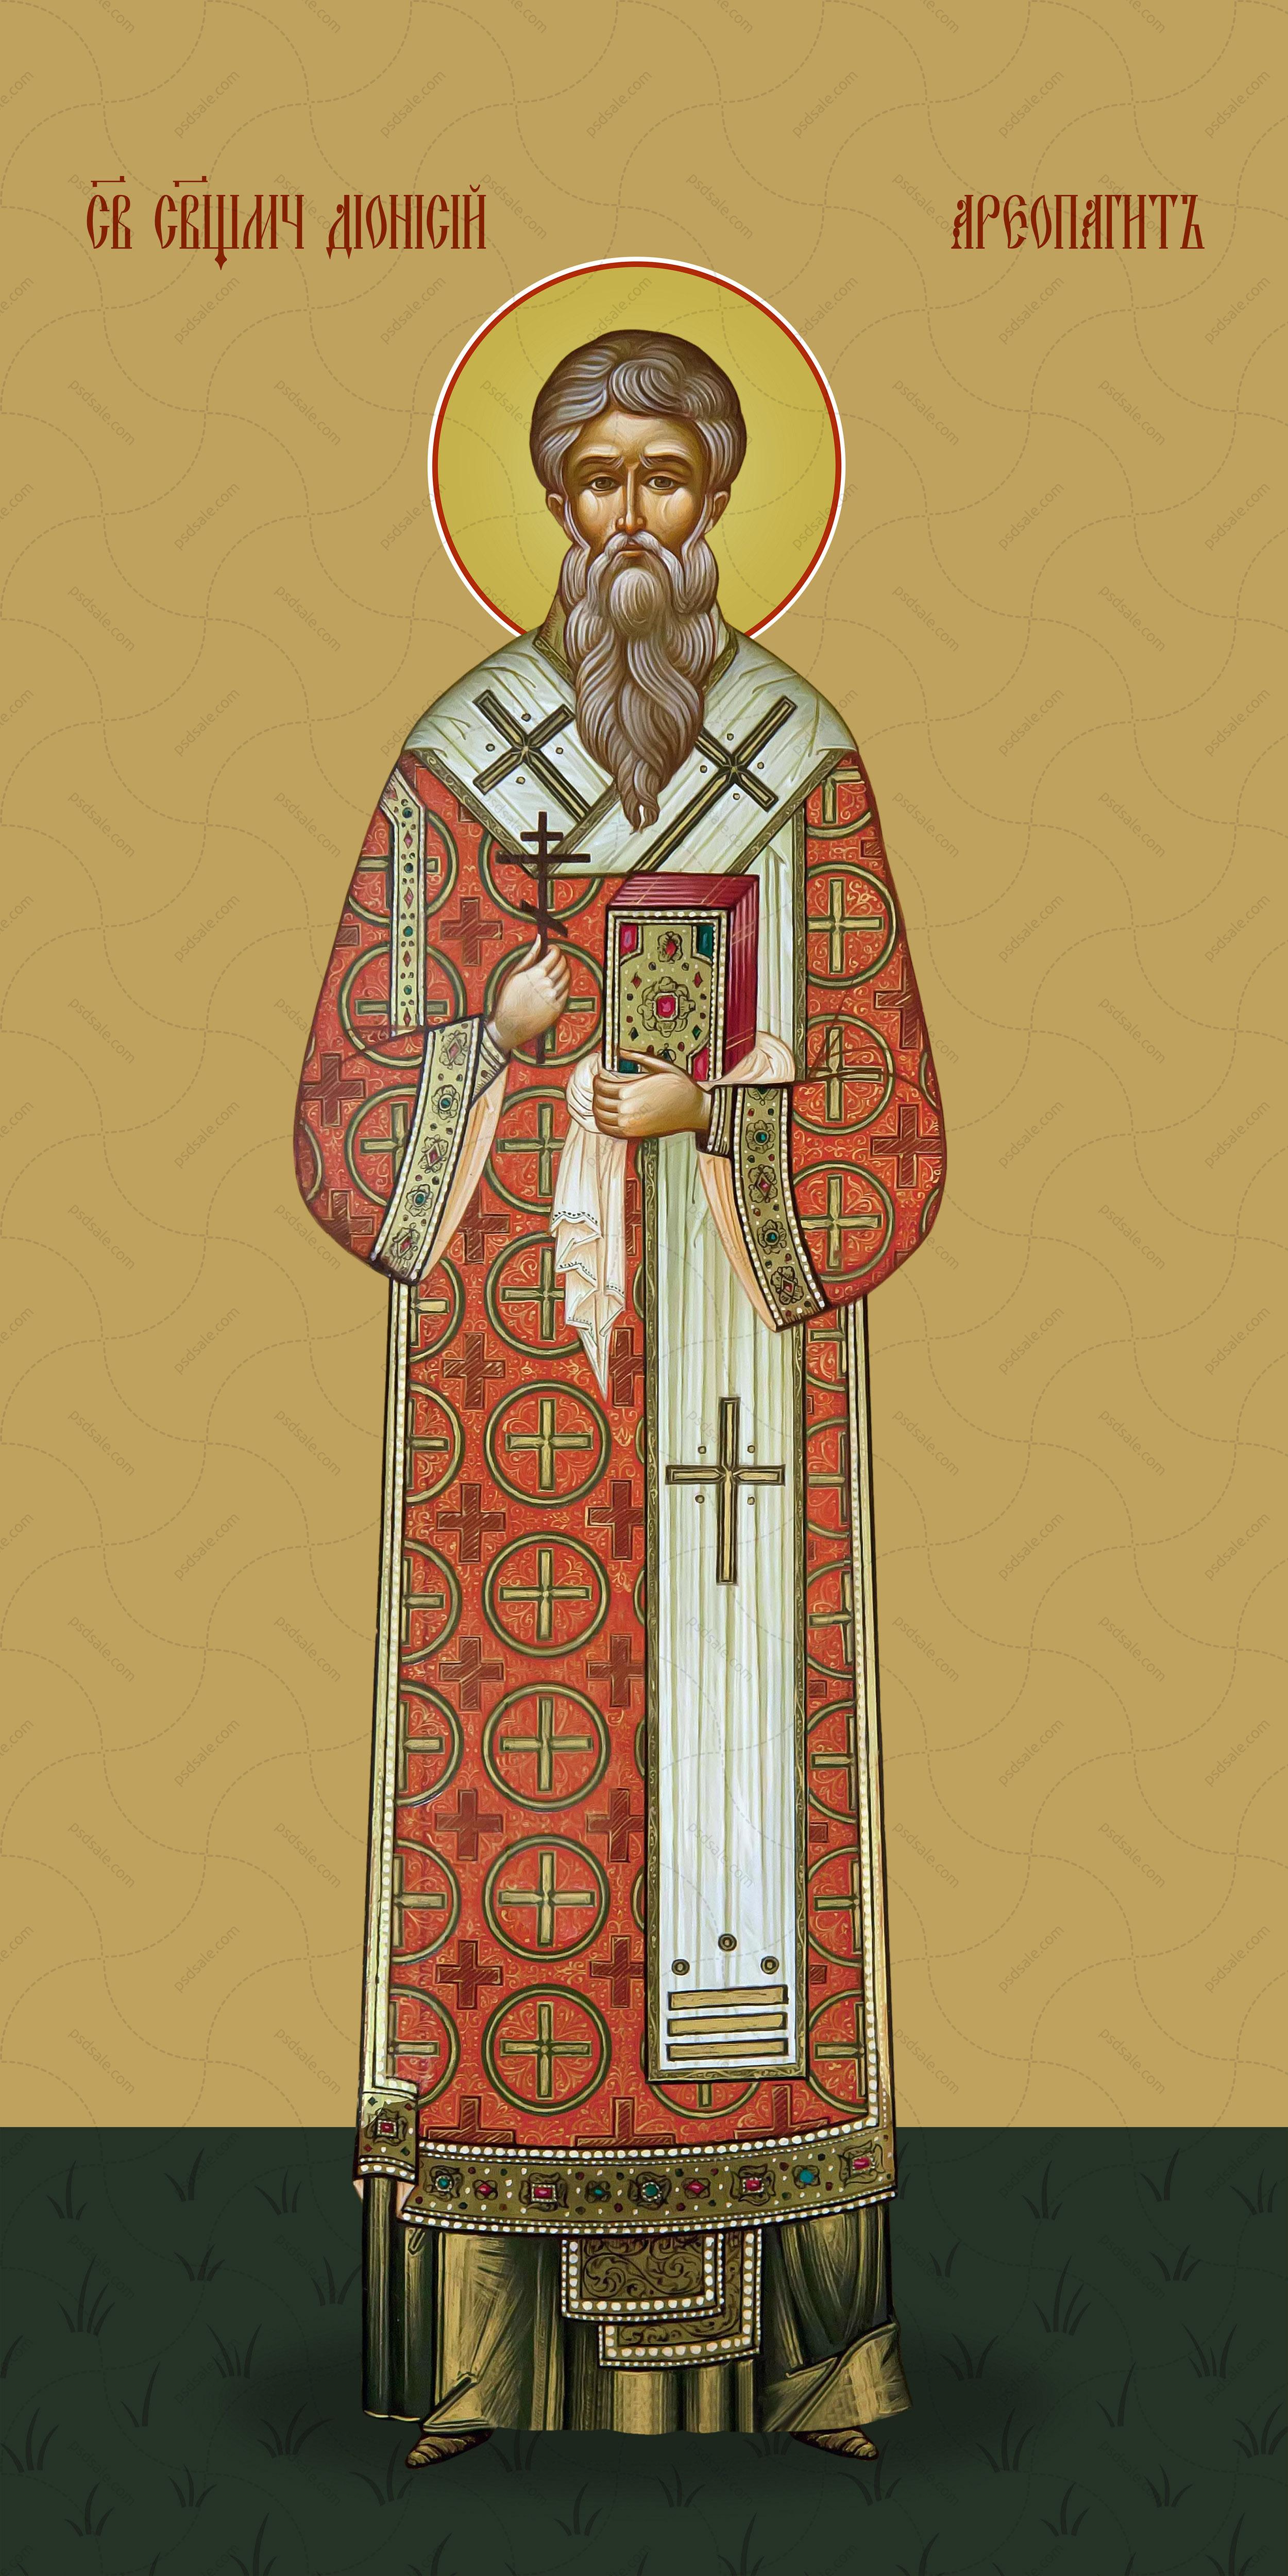 Мерная икона, Дионисий Ареопагит, священномученик